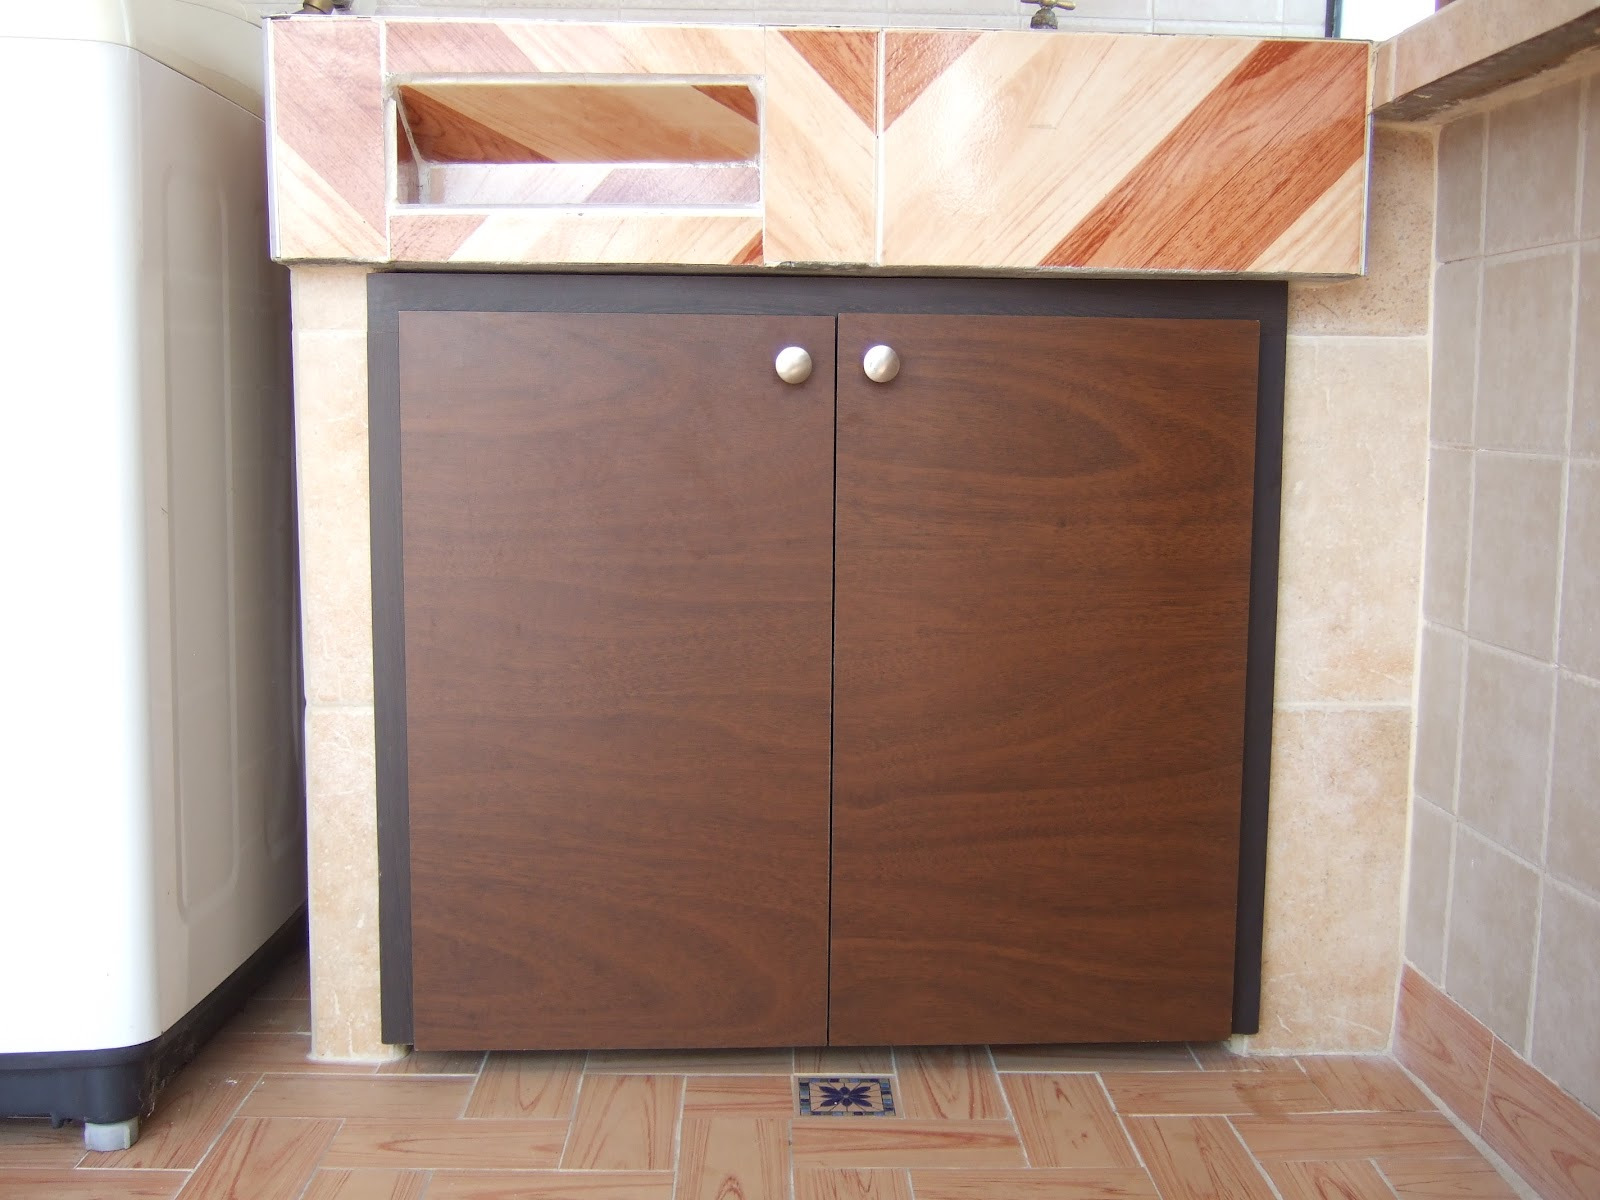 Mueble para pila de lavar good finest good pica de lavar roca posot class ue mueble para - Mueble pila lavadero ...